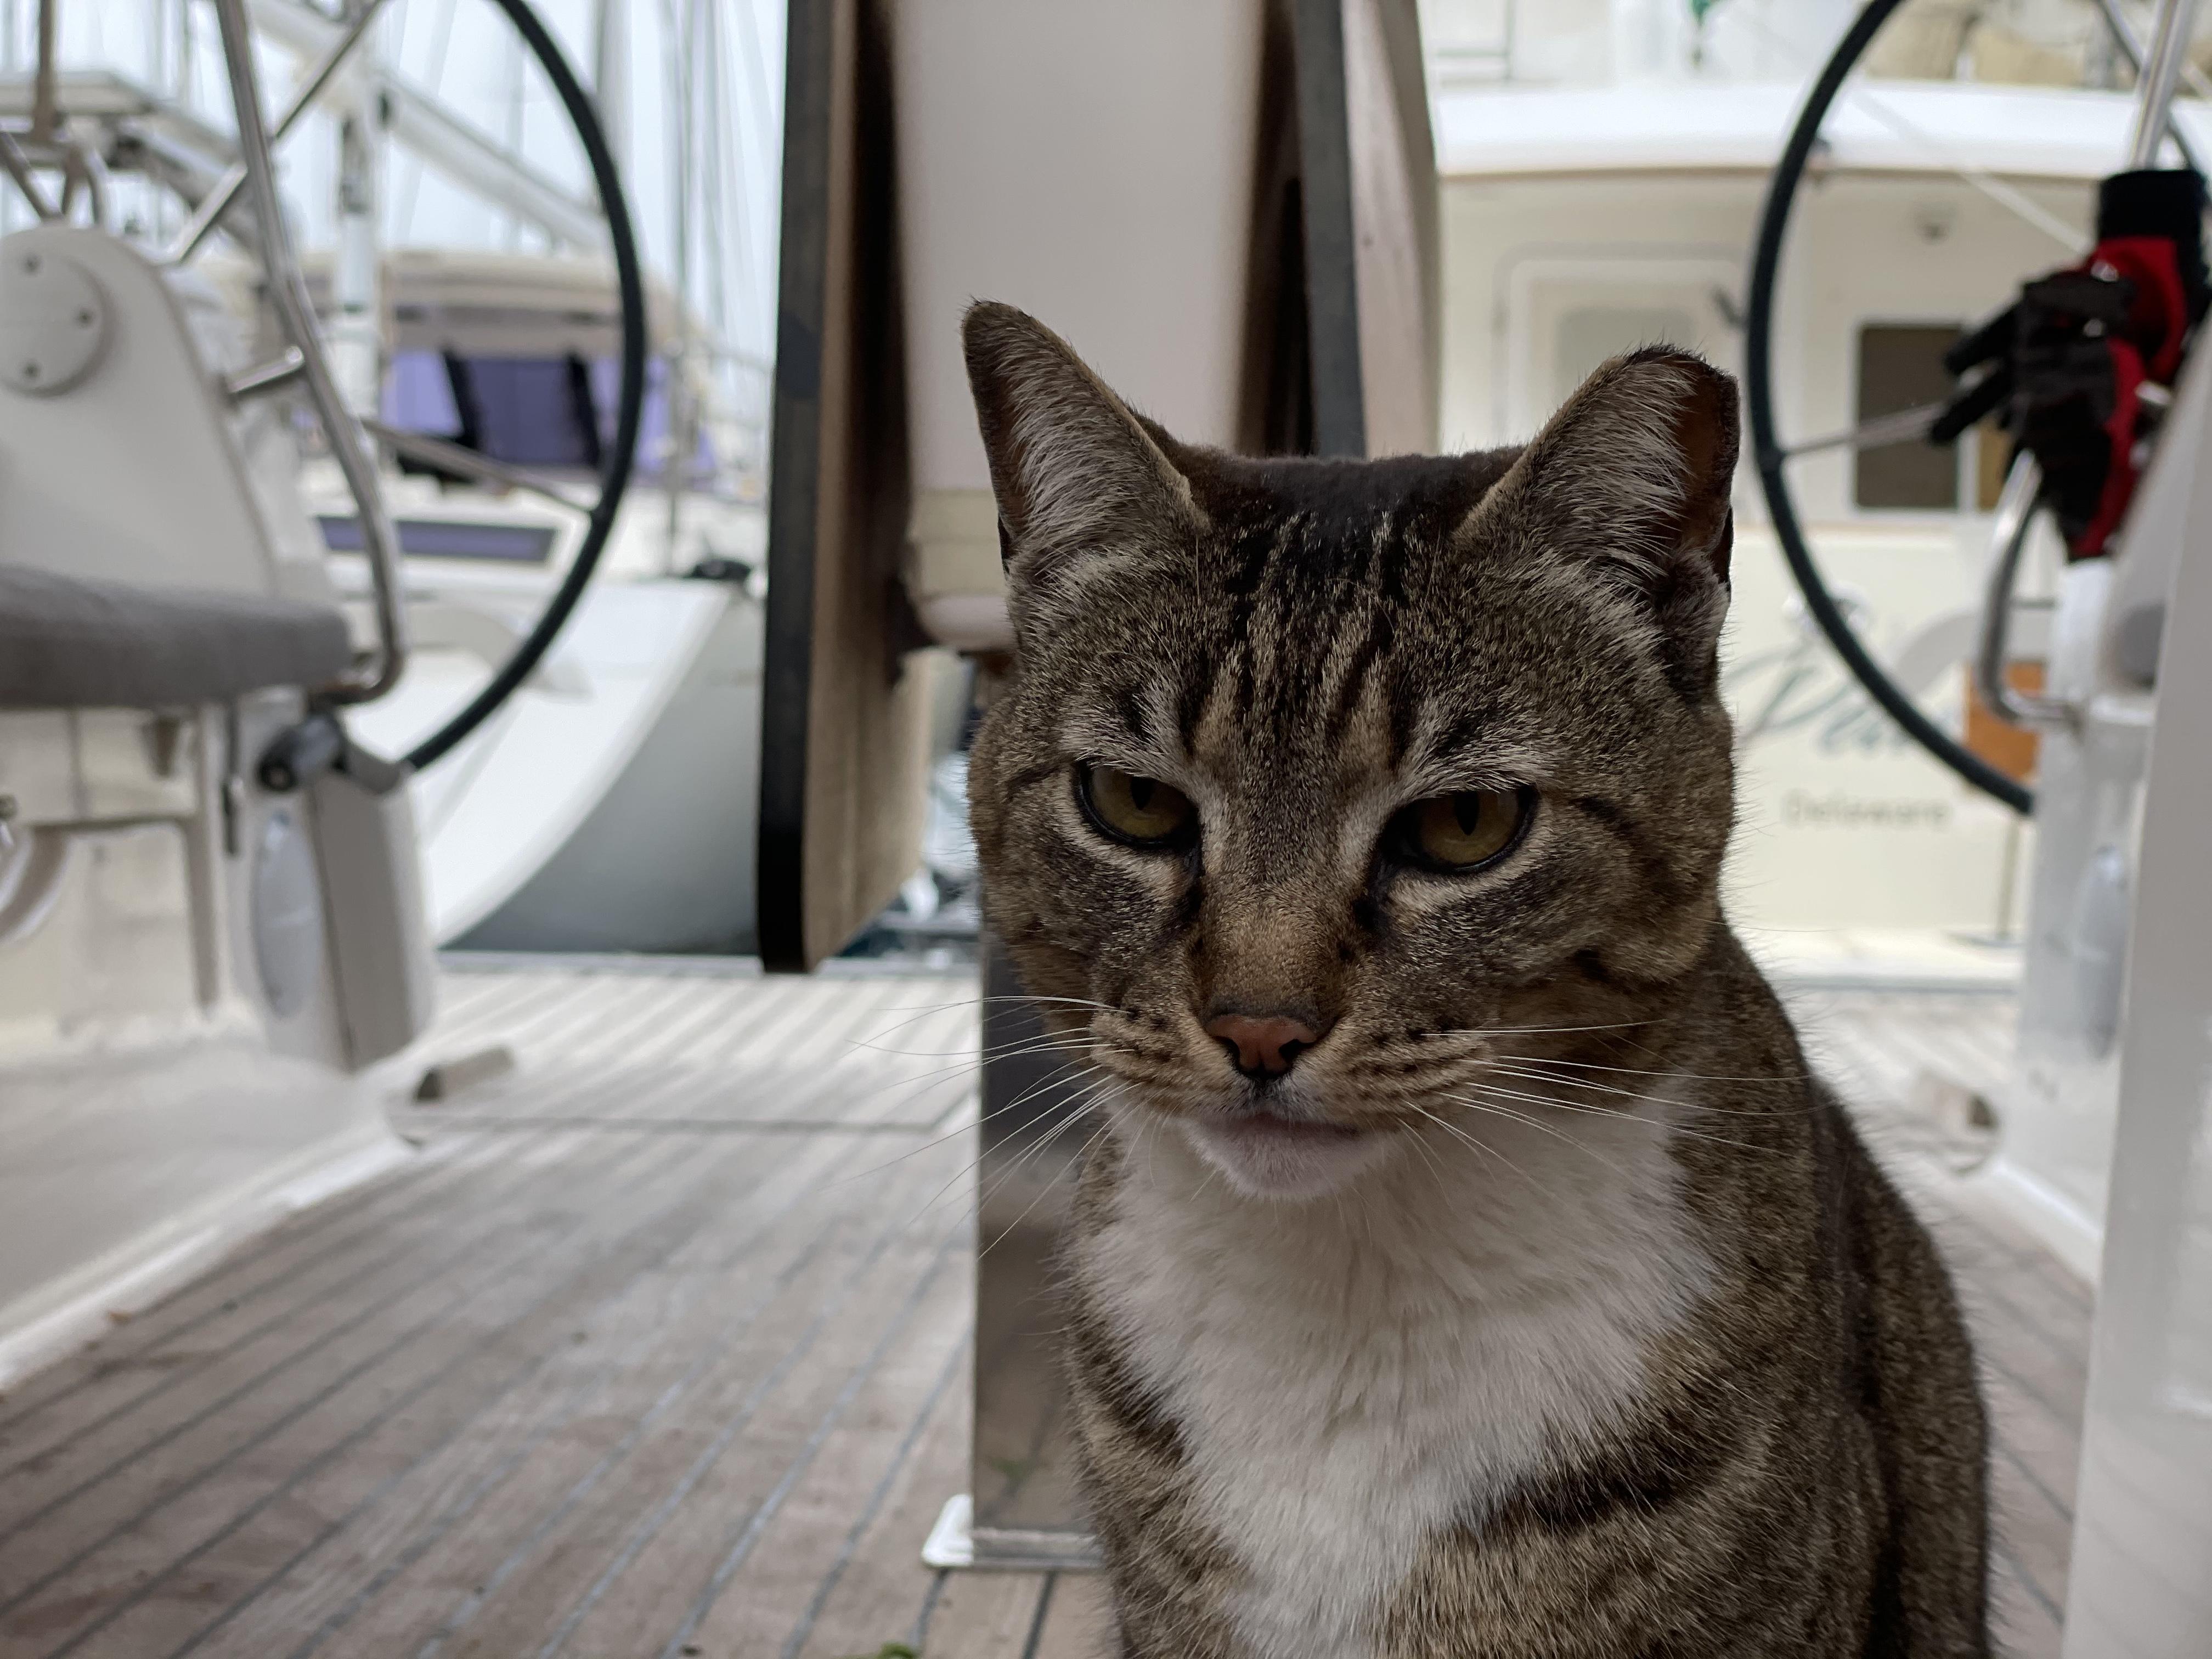 Кот - хозяин на яхте